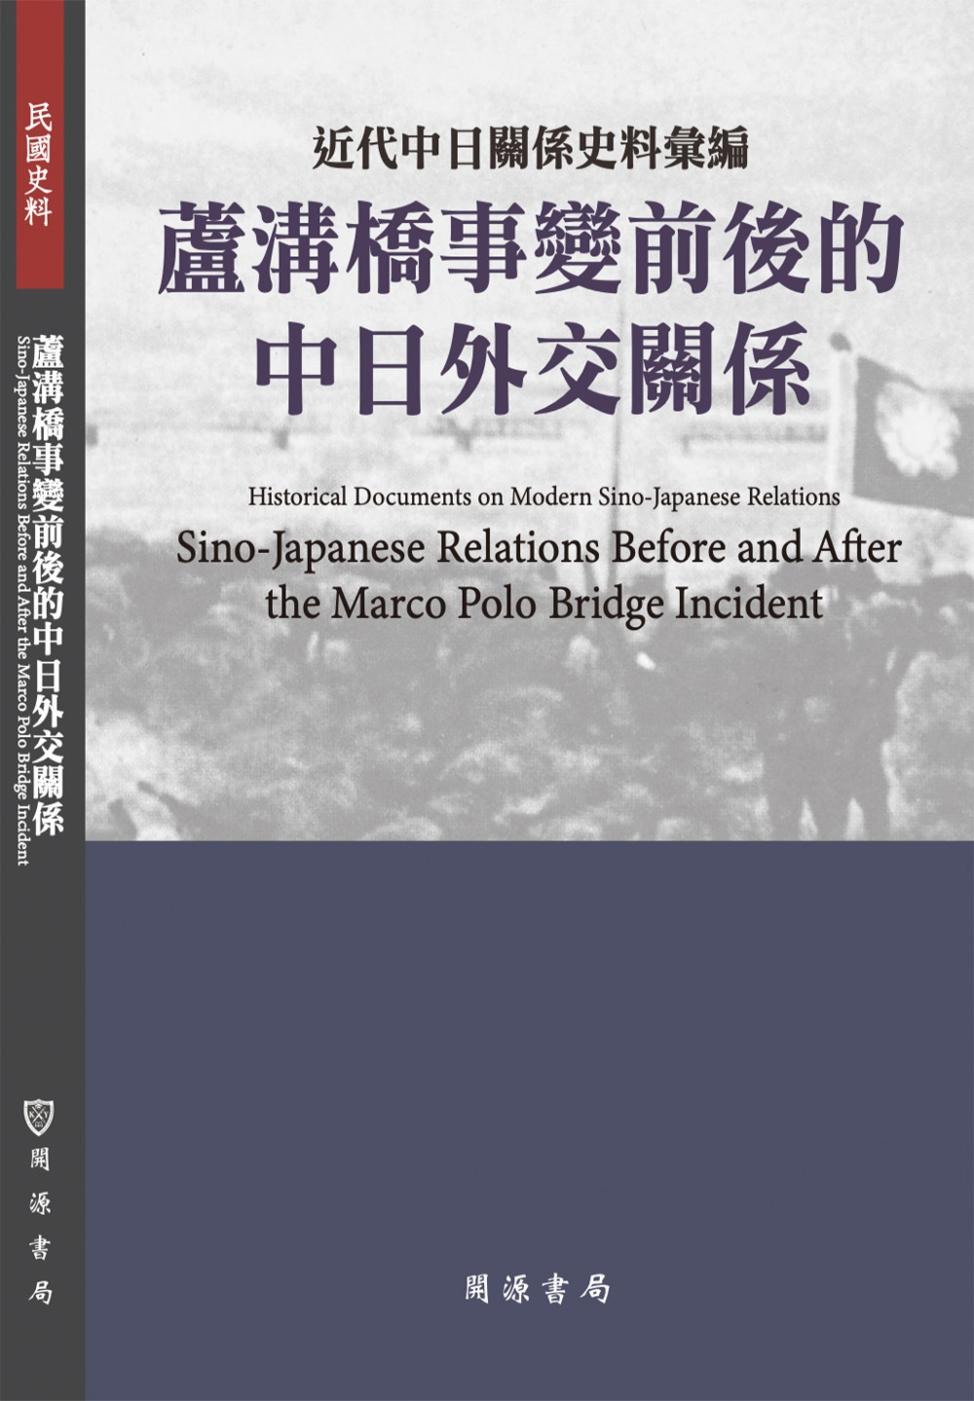 近代中日關係史料彙編:蘆溝橋事變前後的中日外交關係